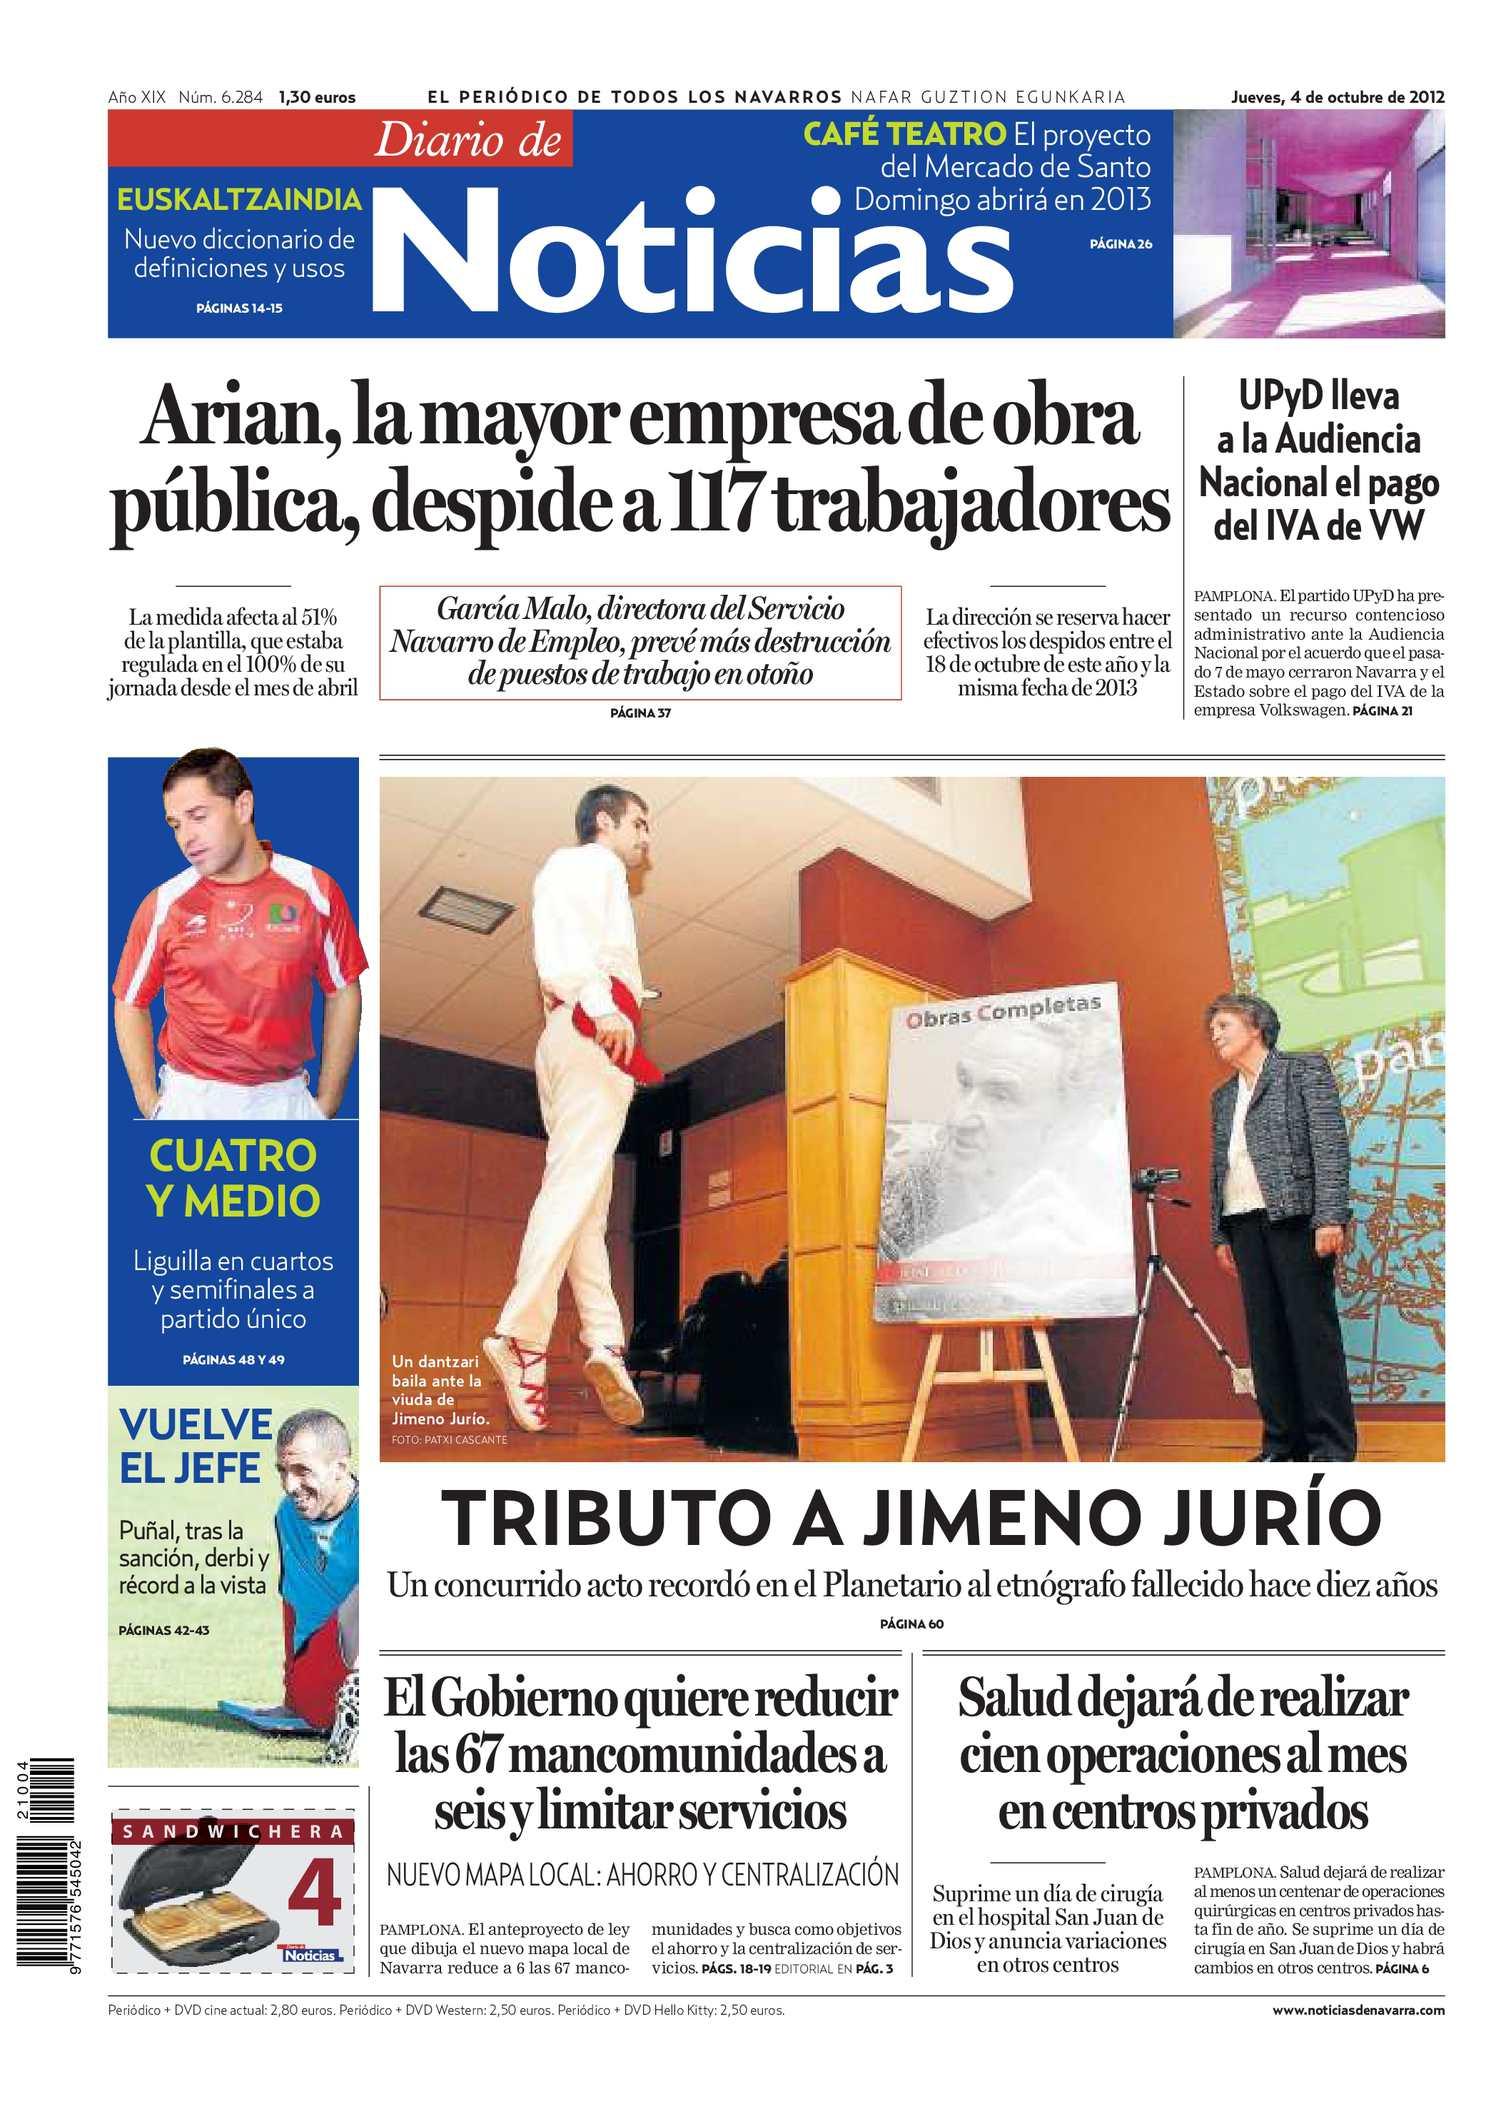 Calaméo - Diario de Noticias 20121004 da9a1d60420f